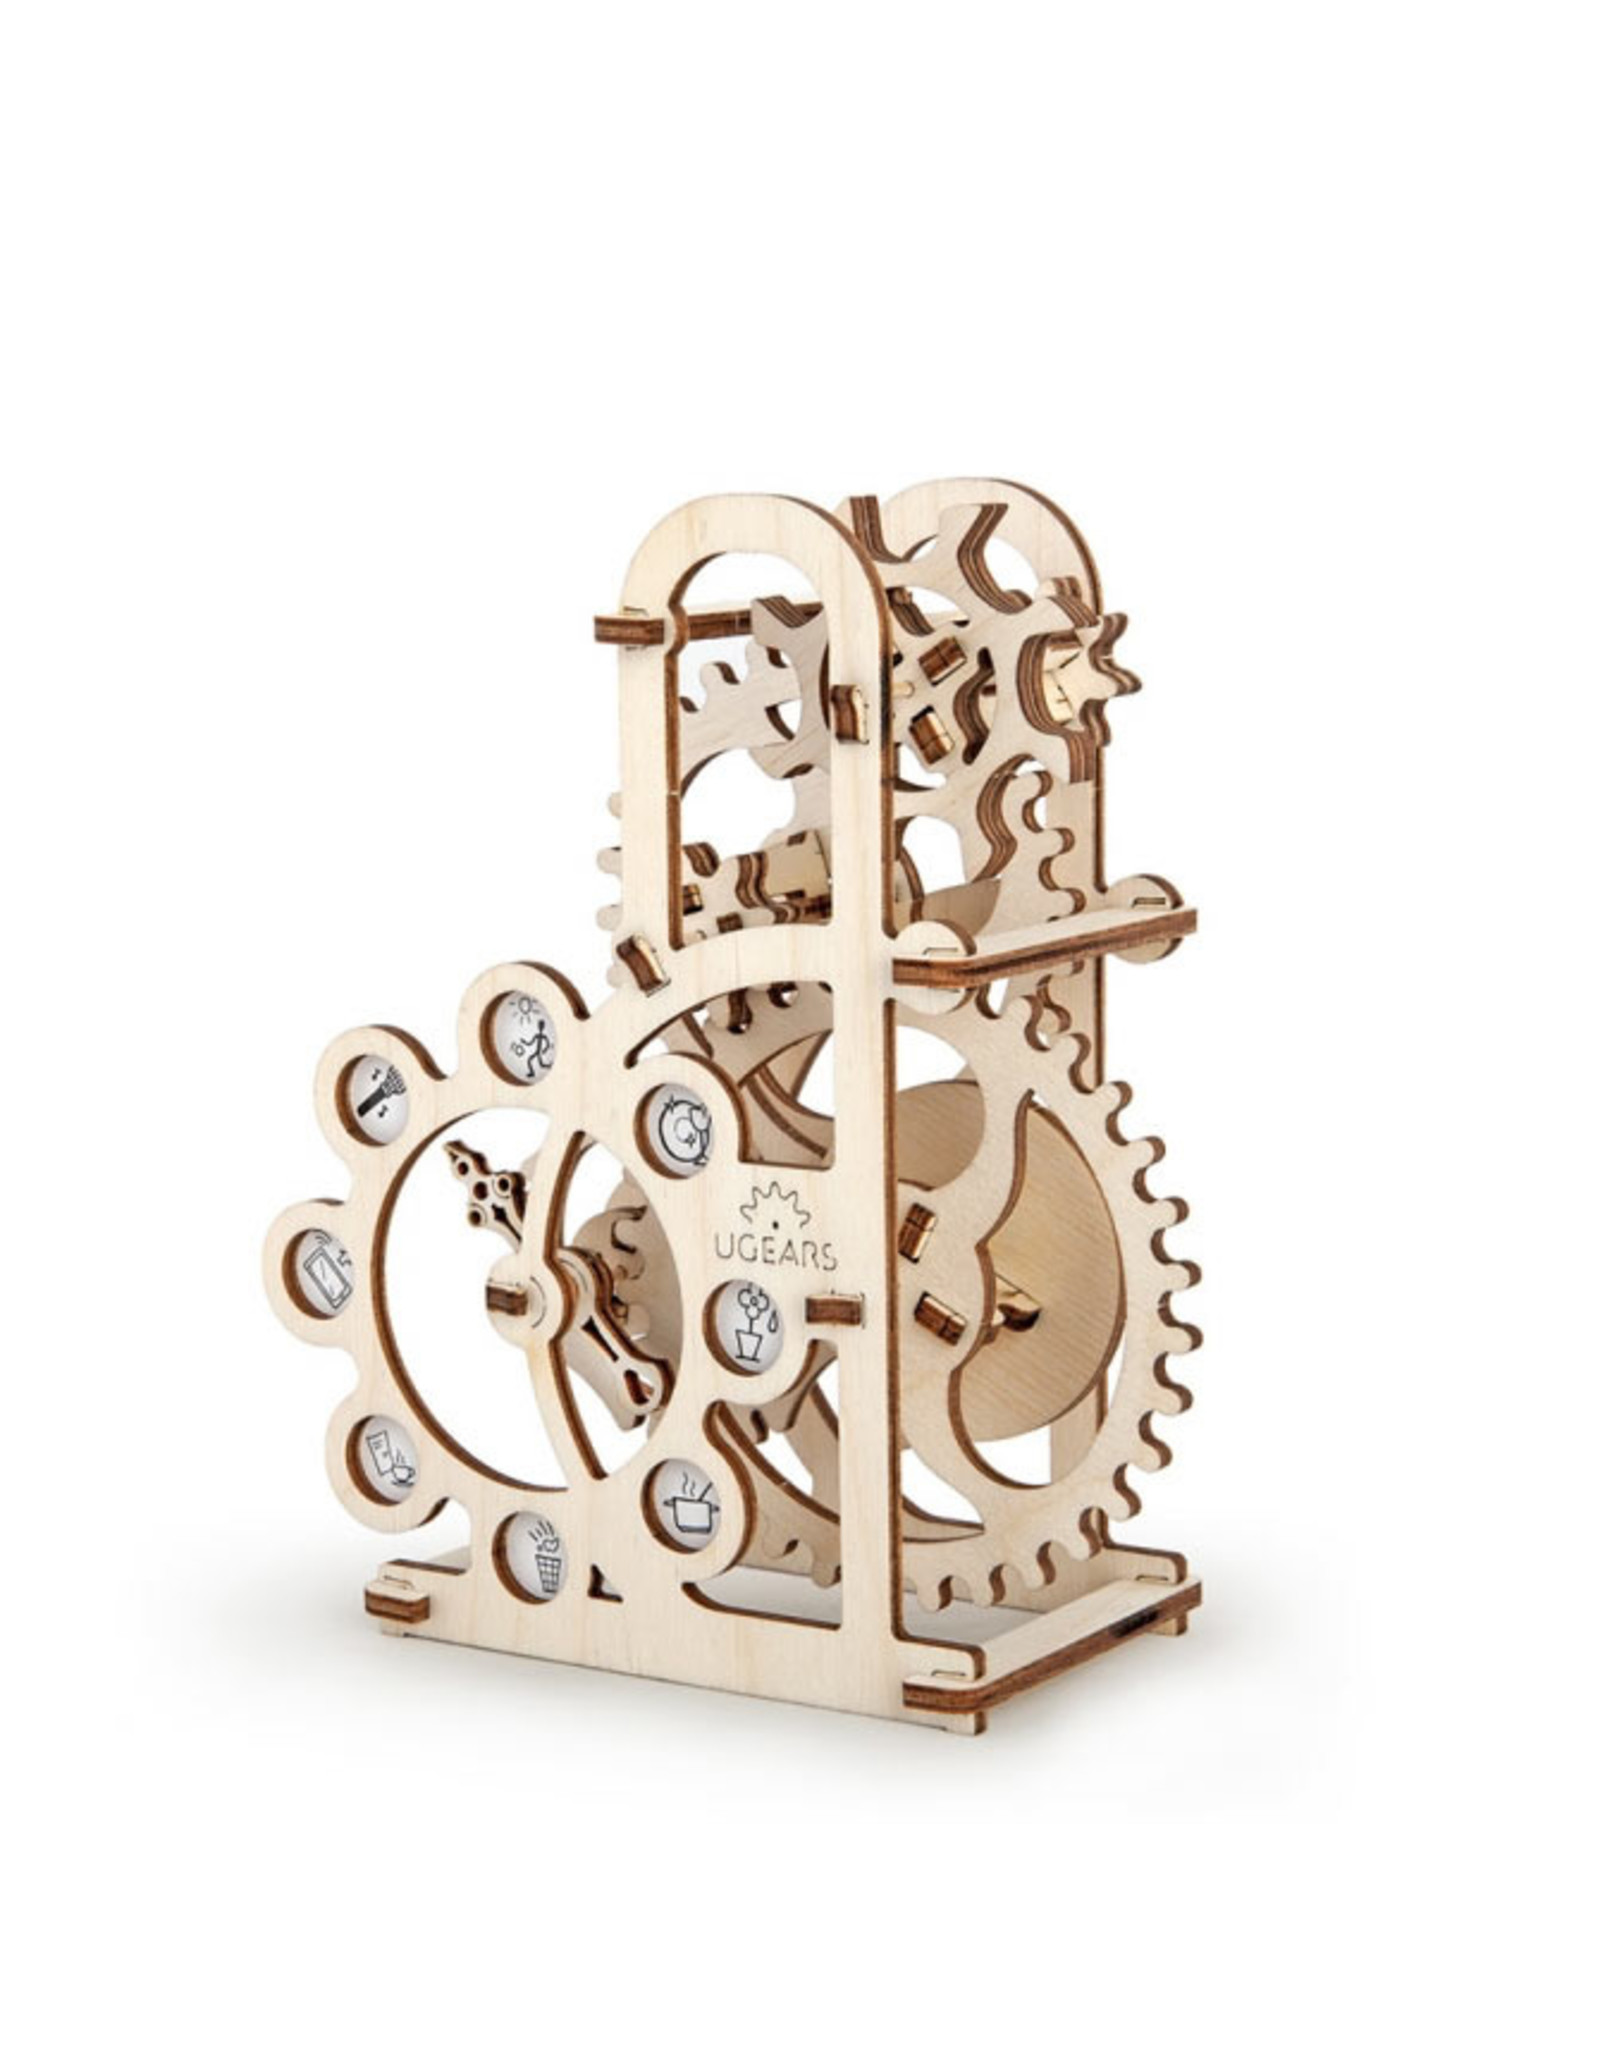 Ugears mechanische 3D-bouwpakketten Dynamometer (mechanisch houten 3D-bouwpakket)